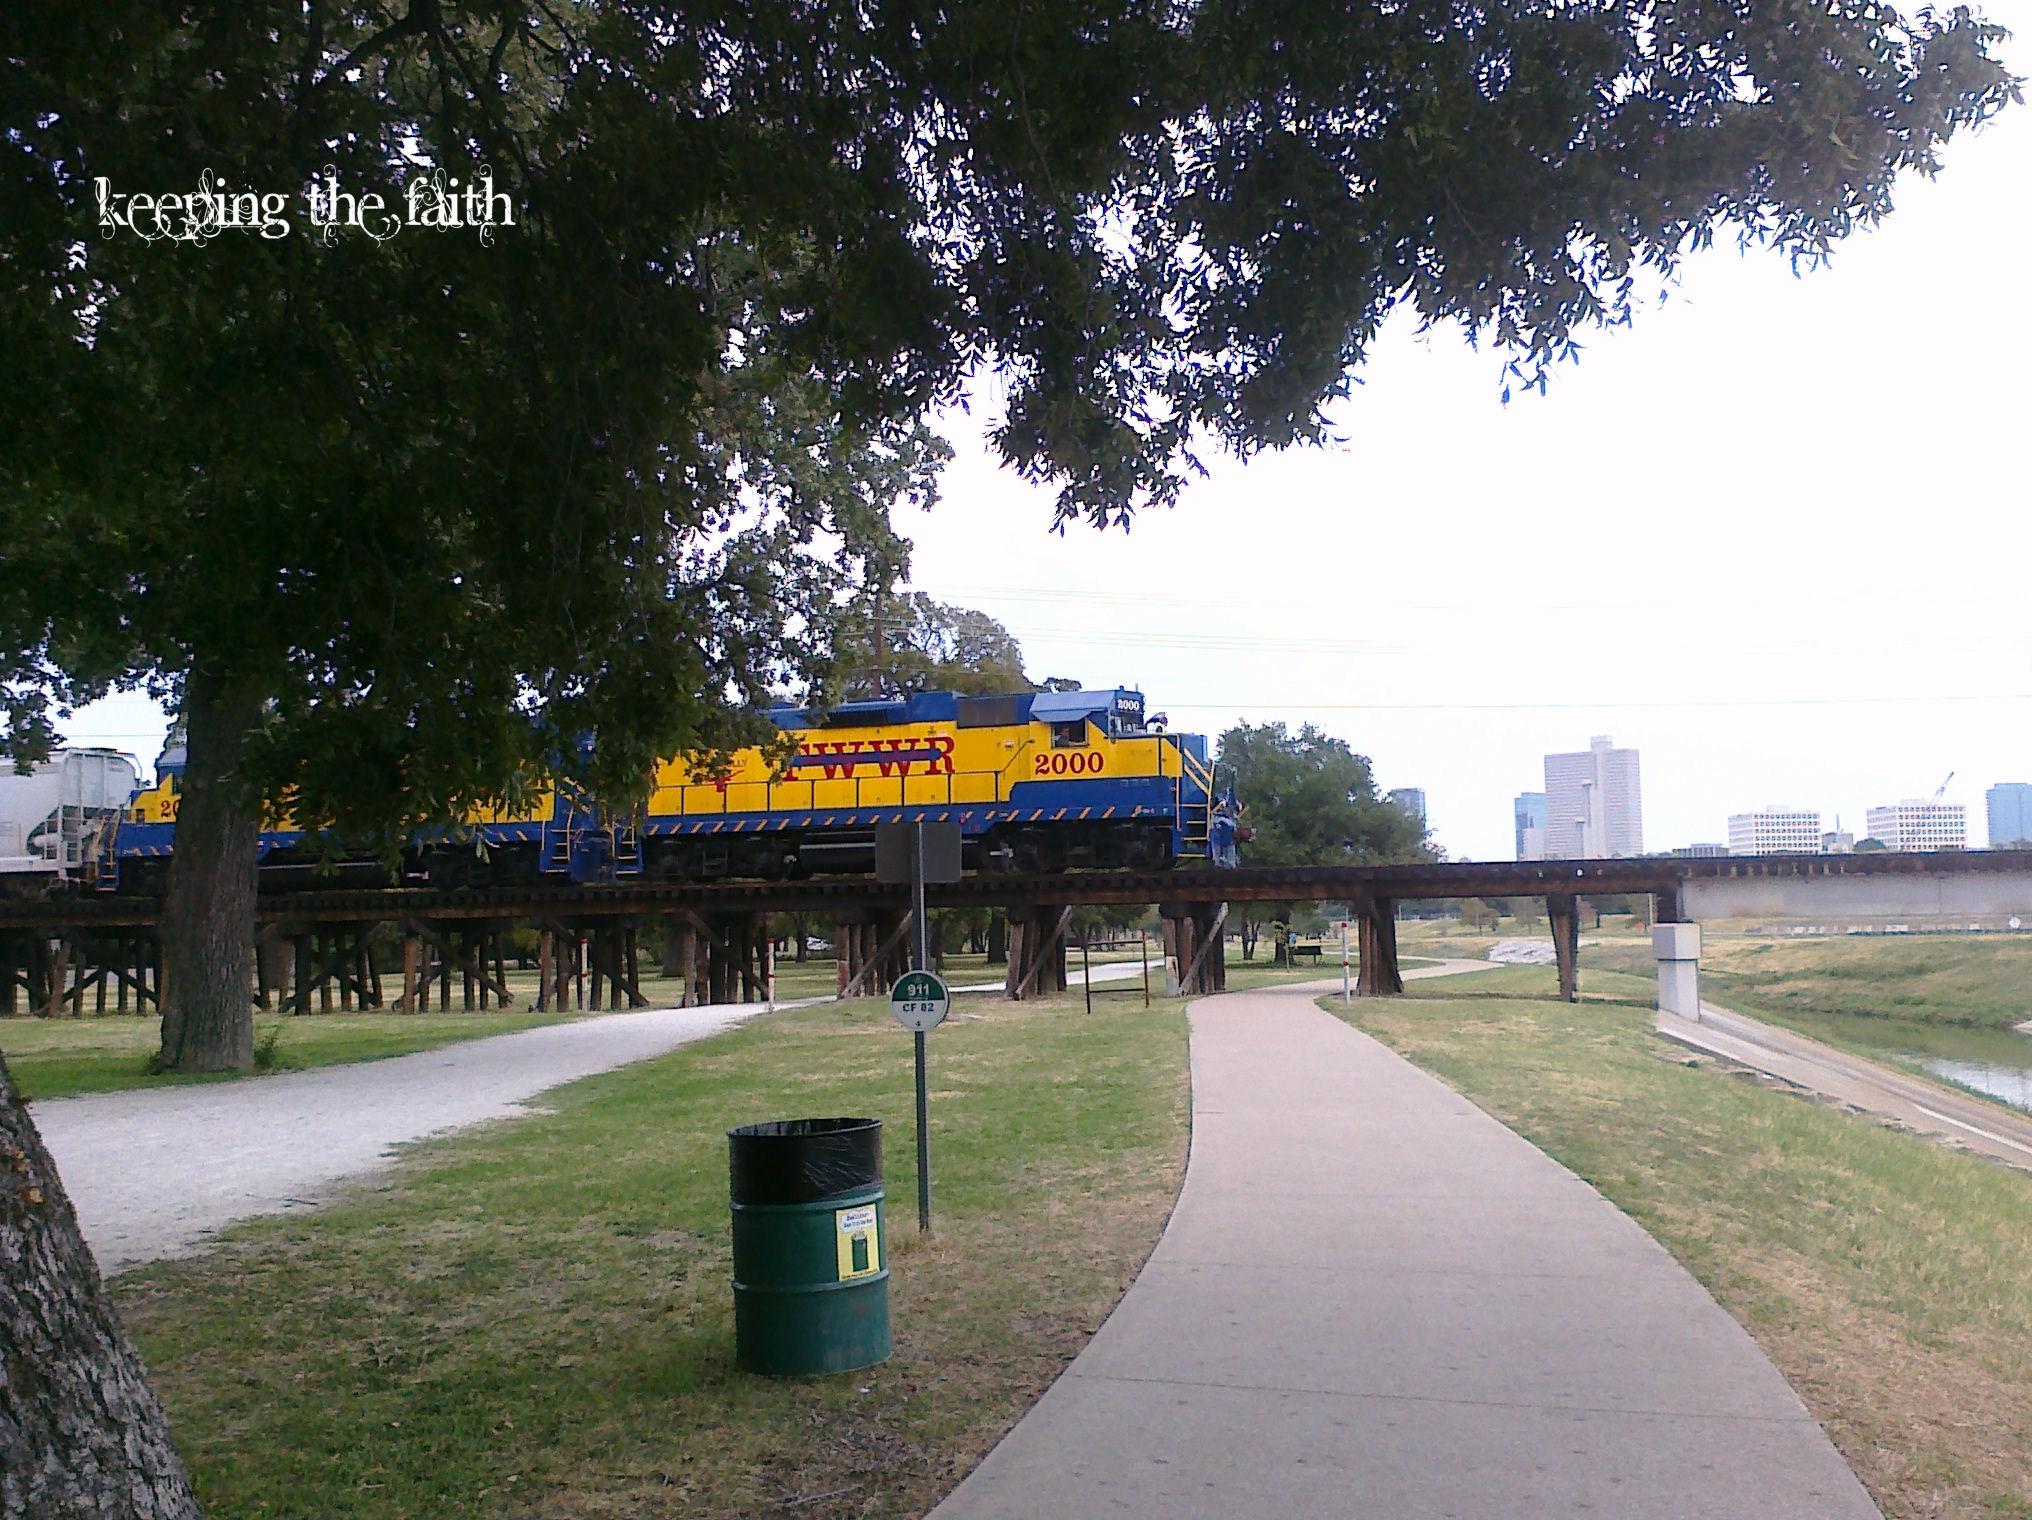 Train, Trinity Park